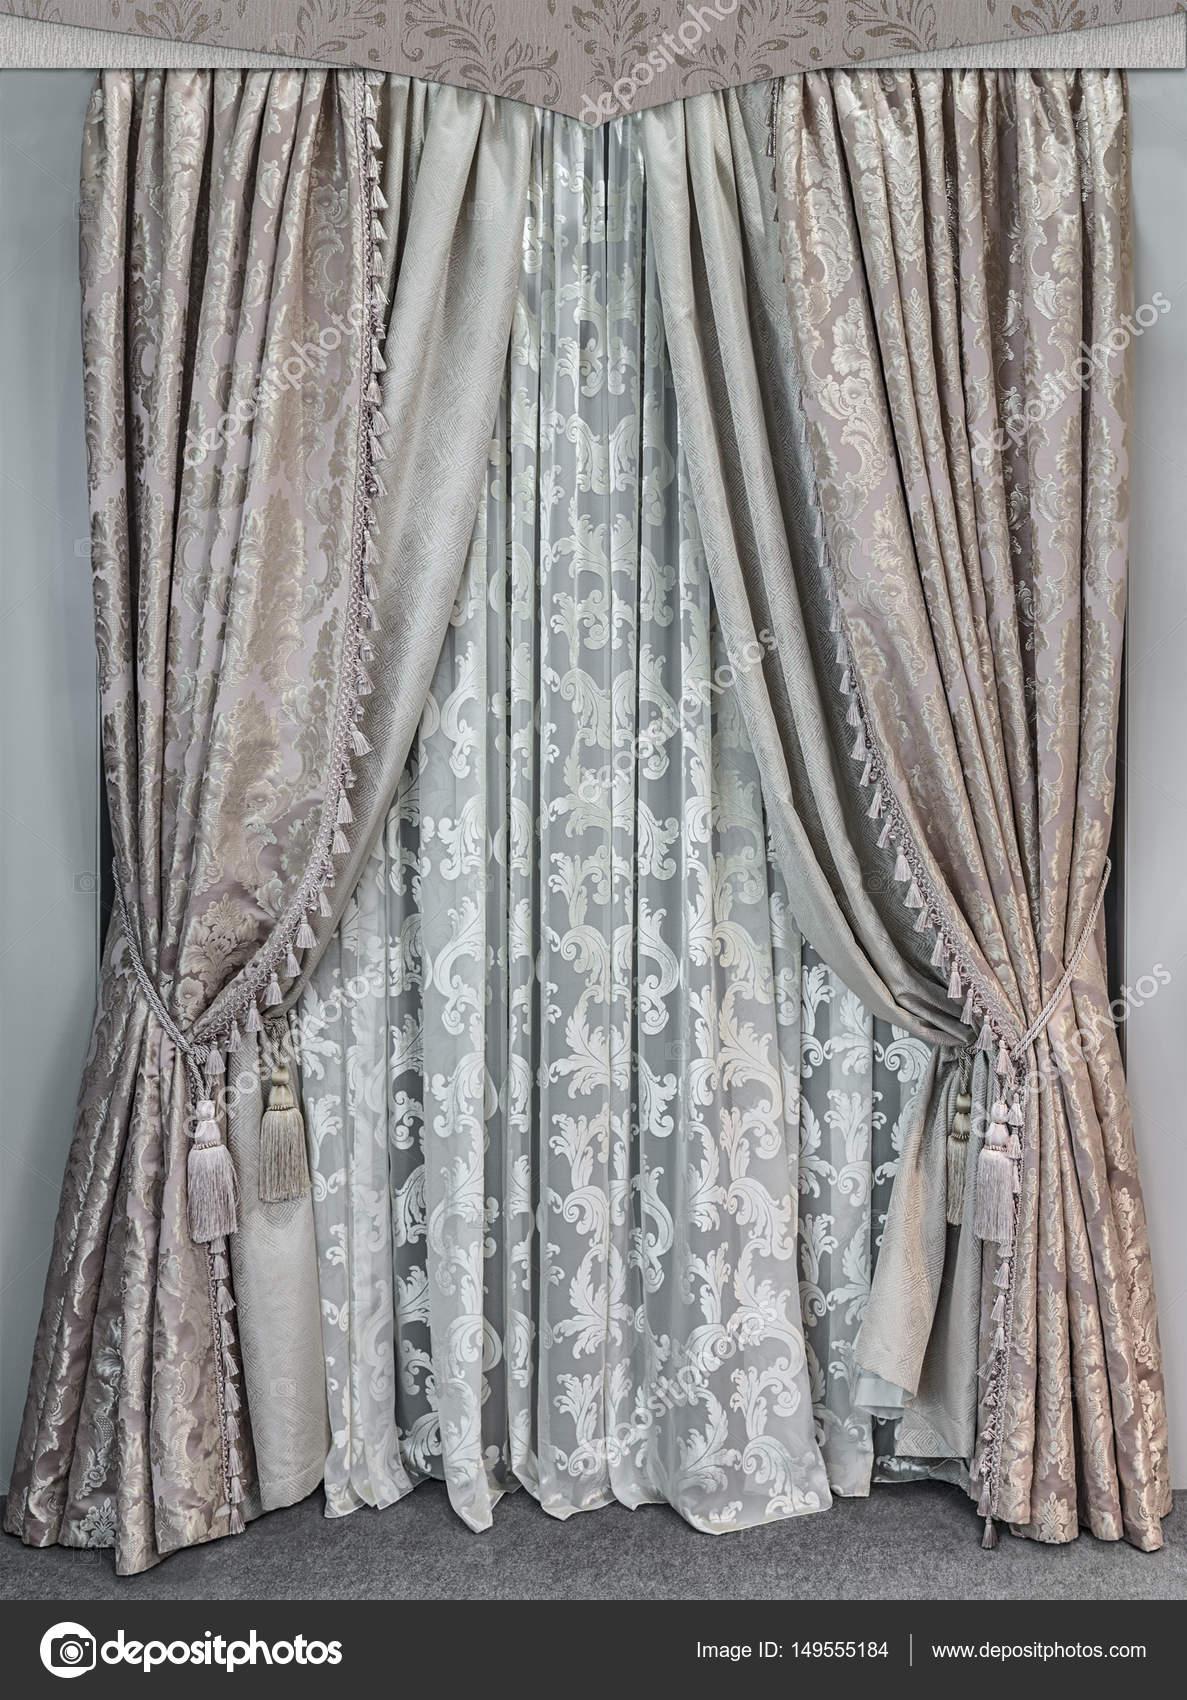 klassiek ontwerp van vensters en muren in het interieur in beige dubbele gordijnen gemaakt van